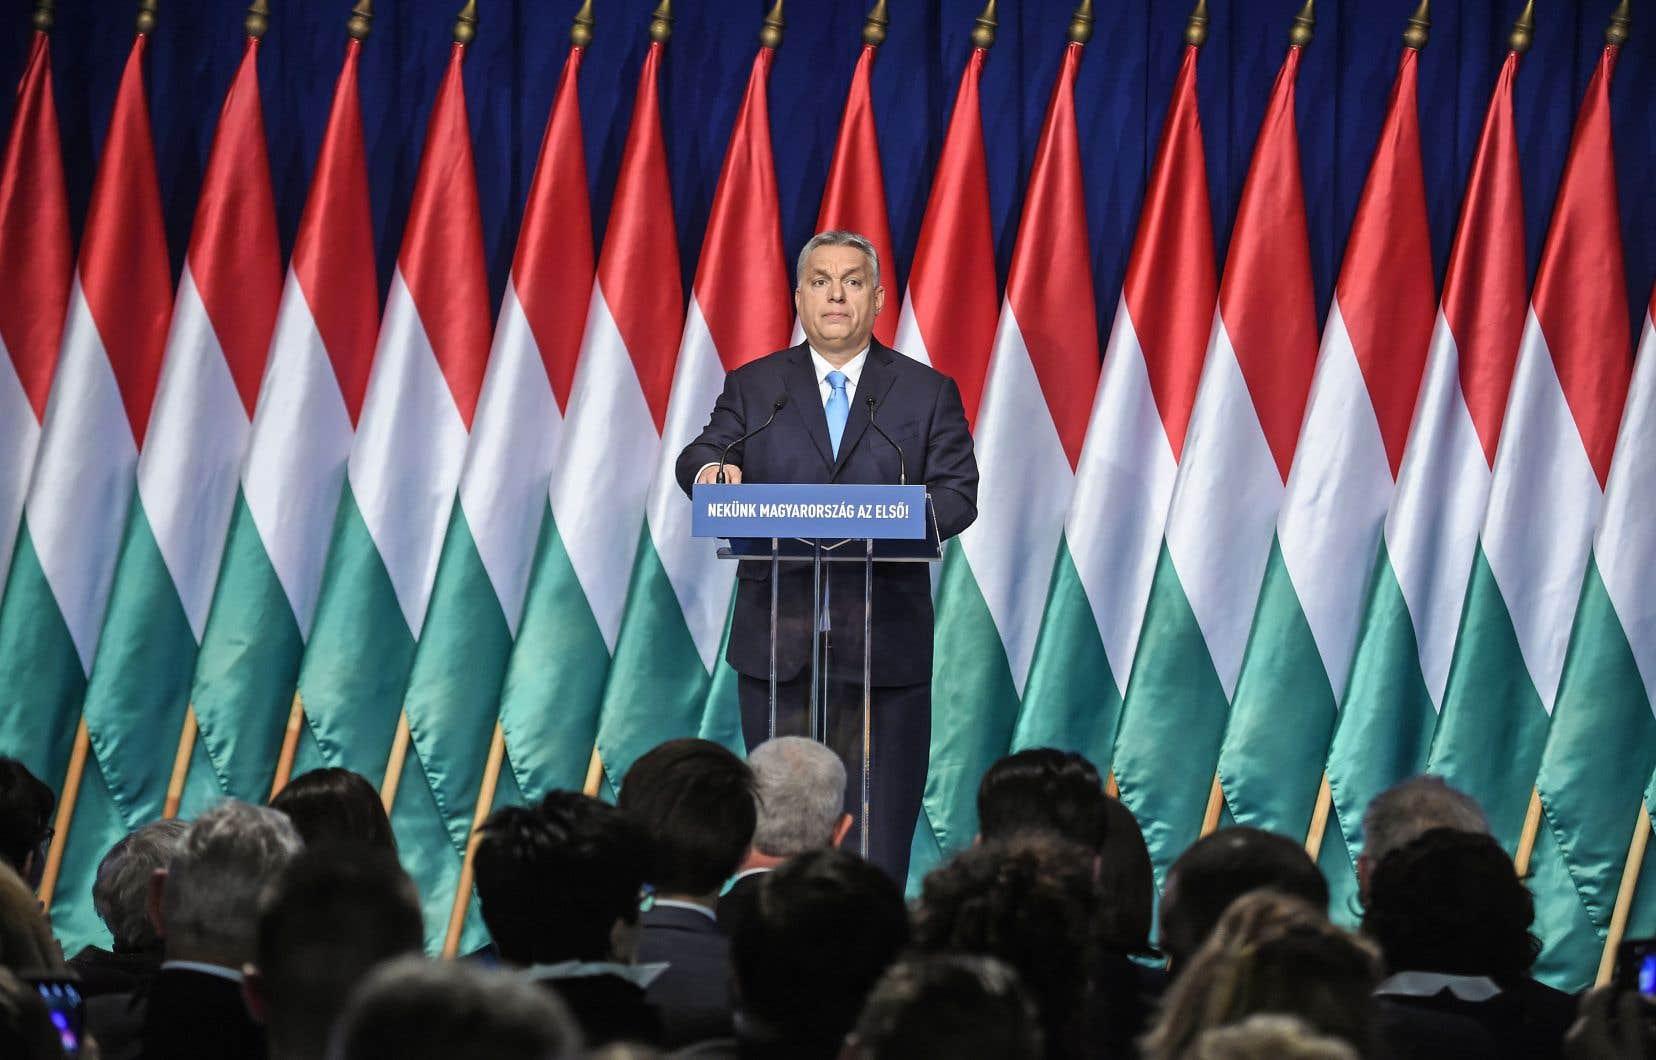 Pour le dirigeant hongrois, «l'immigration conduit à une augmentation de la criminalité, en particulier contre les femmes, et laisse entrer le virus du terrorisme».